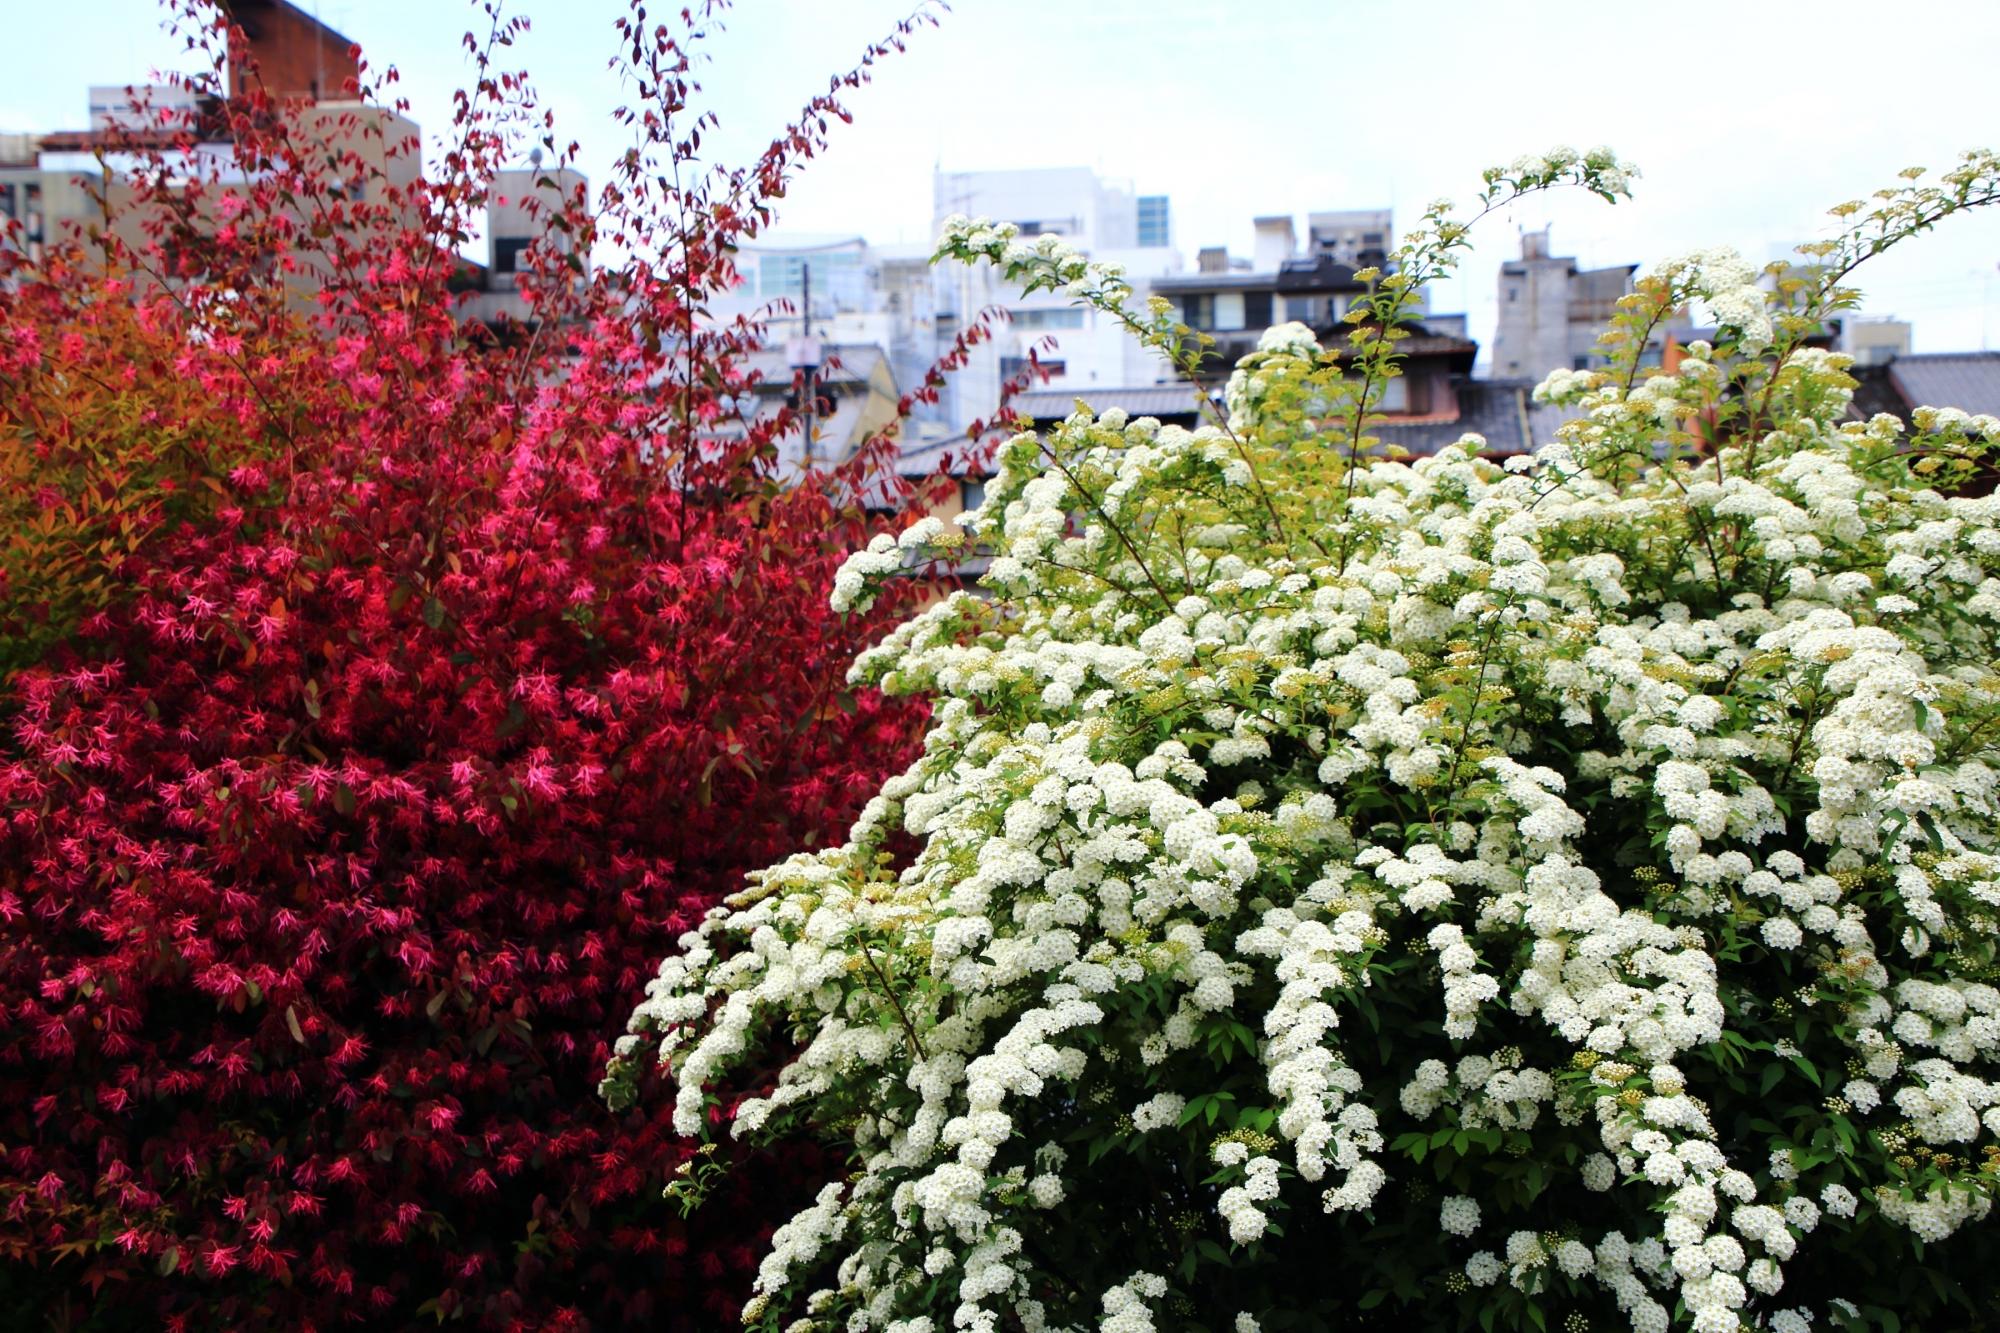 鴨川の真っ白な小手毬(コデマリ)と鮮やかな紅花常磐万作(ベニバナトキワマンサク)の春の花のコラボ